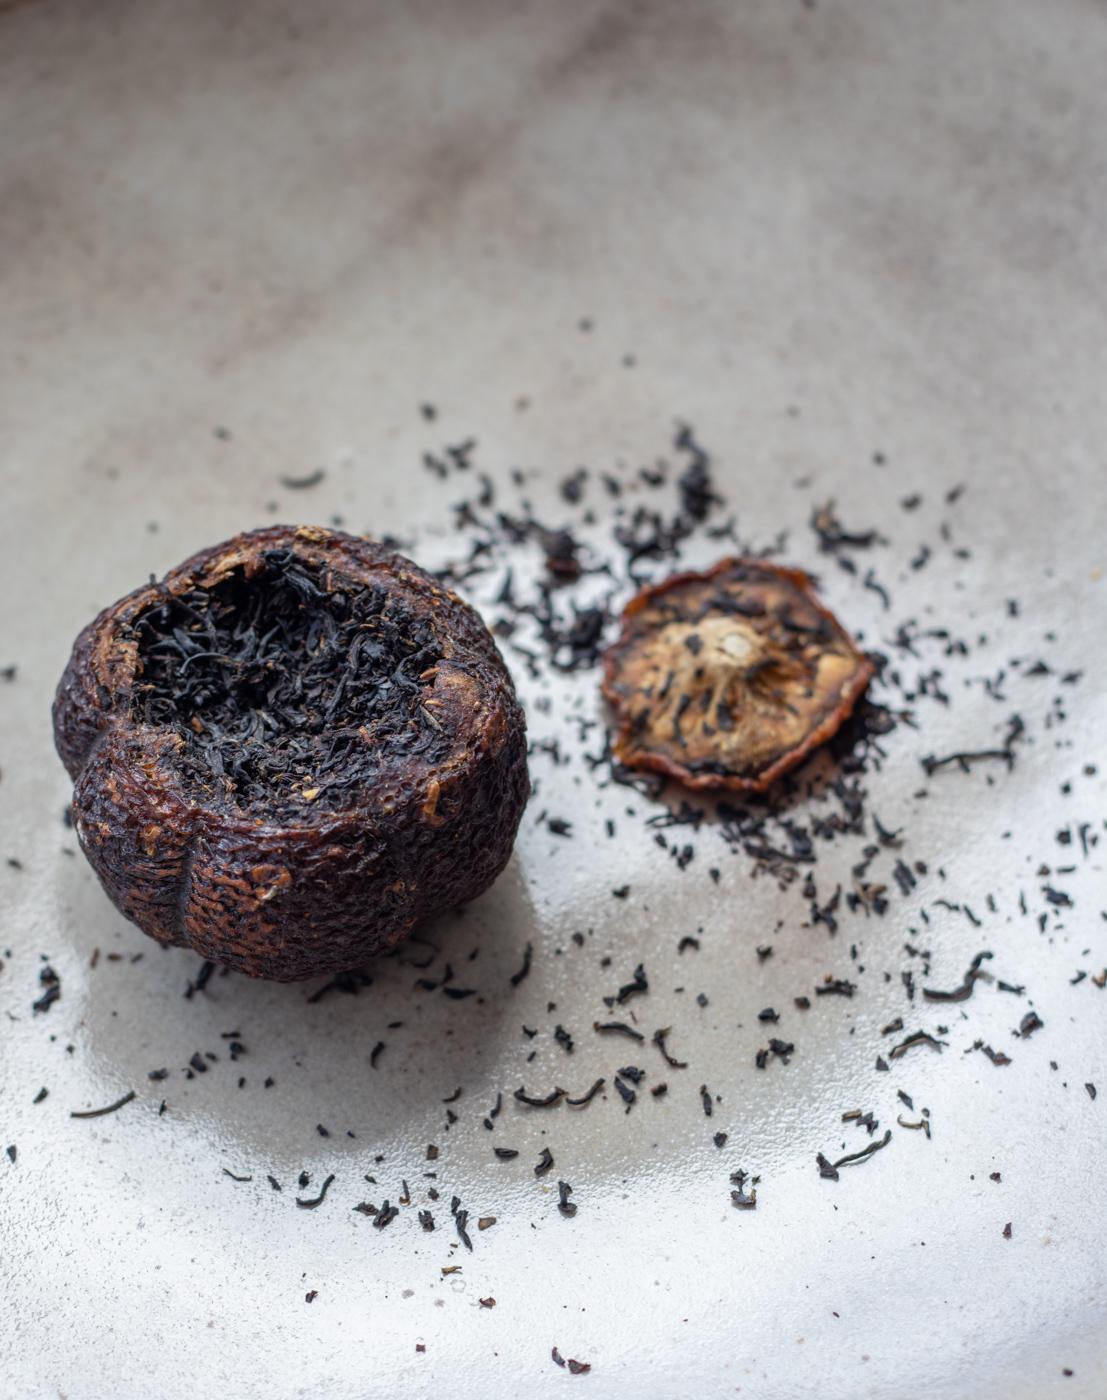 Korean black tea stuffed in a yuzu citrus